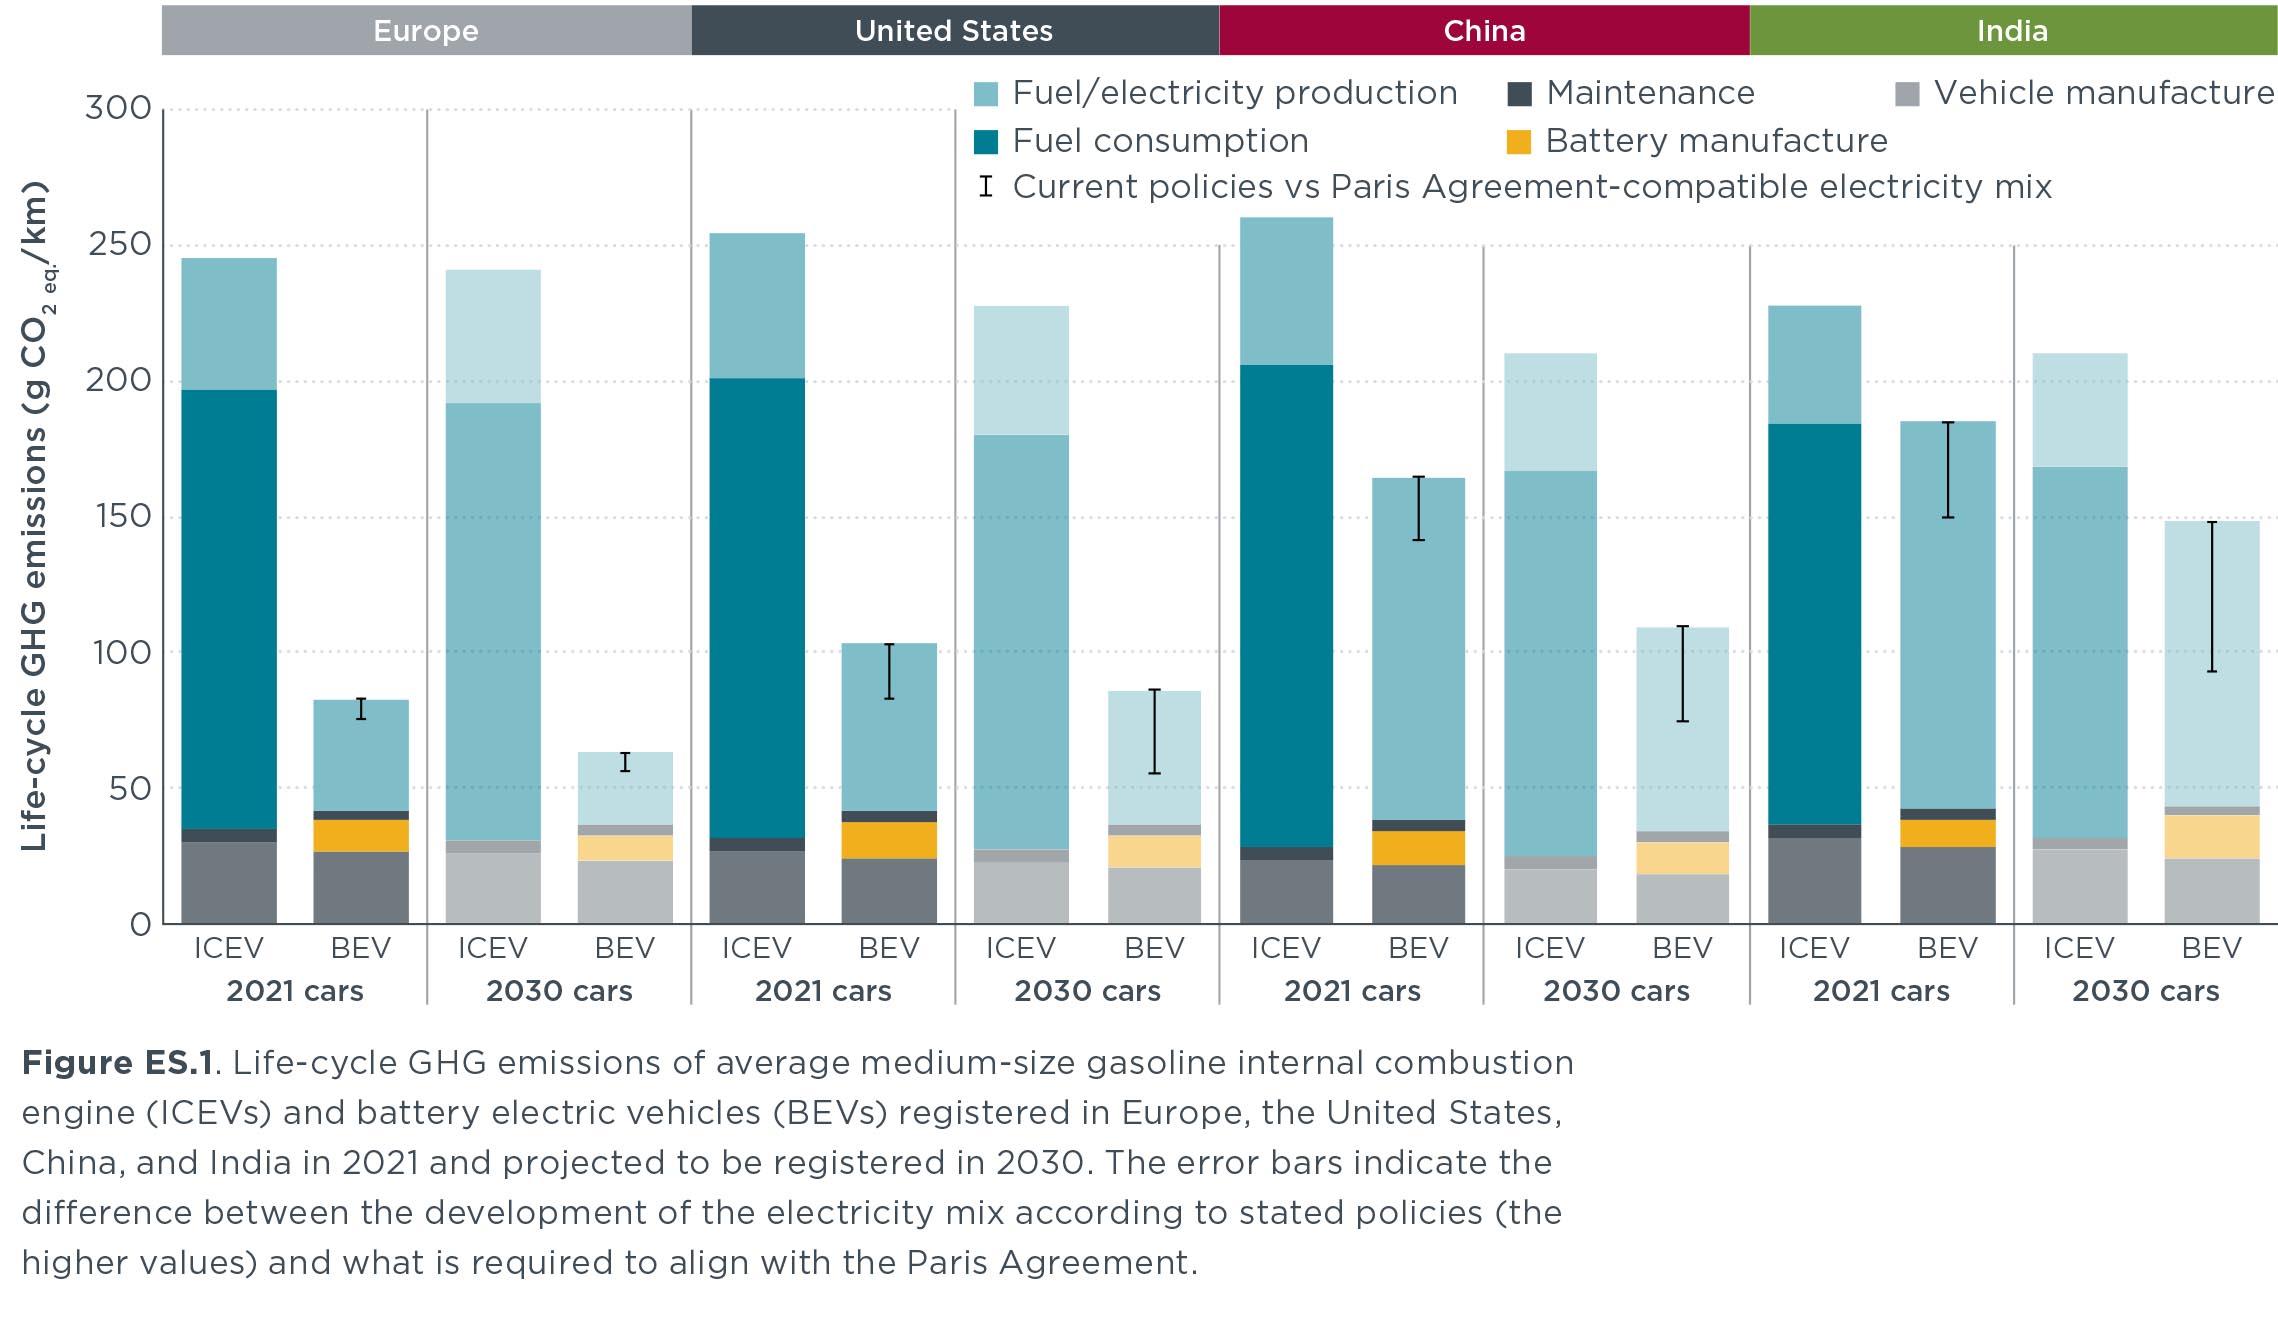 Uno studio dimostra che solo l'elettricità rinnovabile può decarbonizzare i trasporti